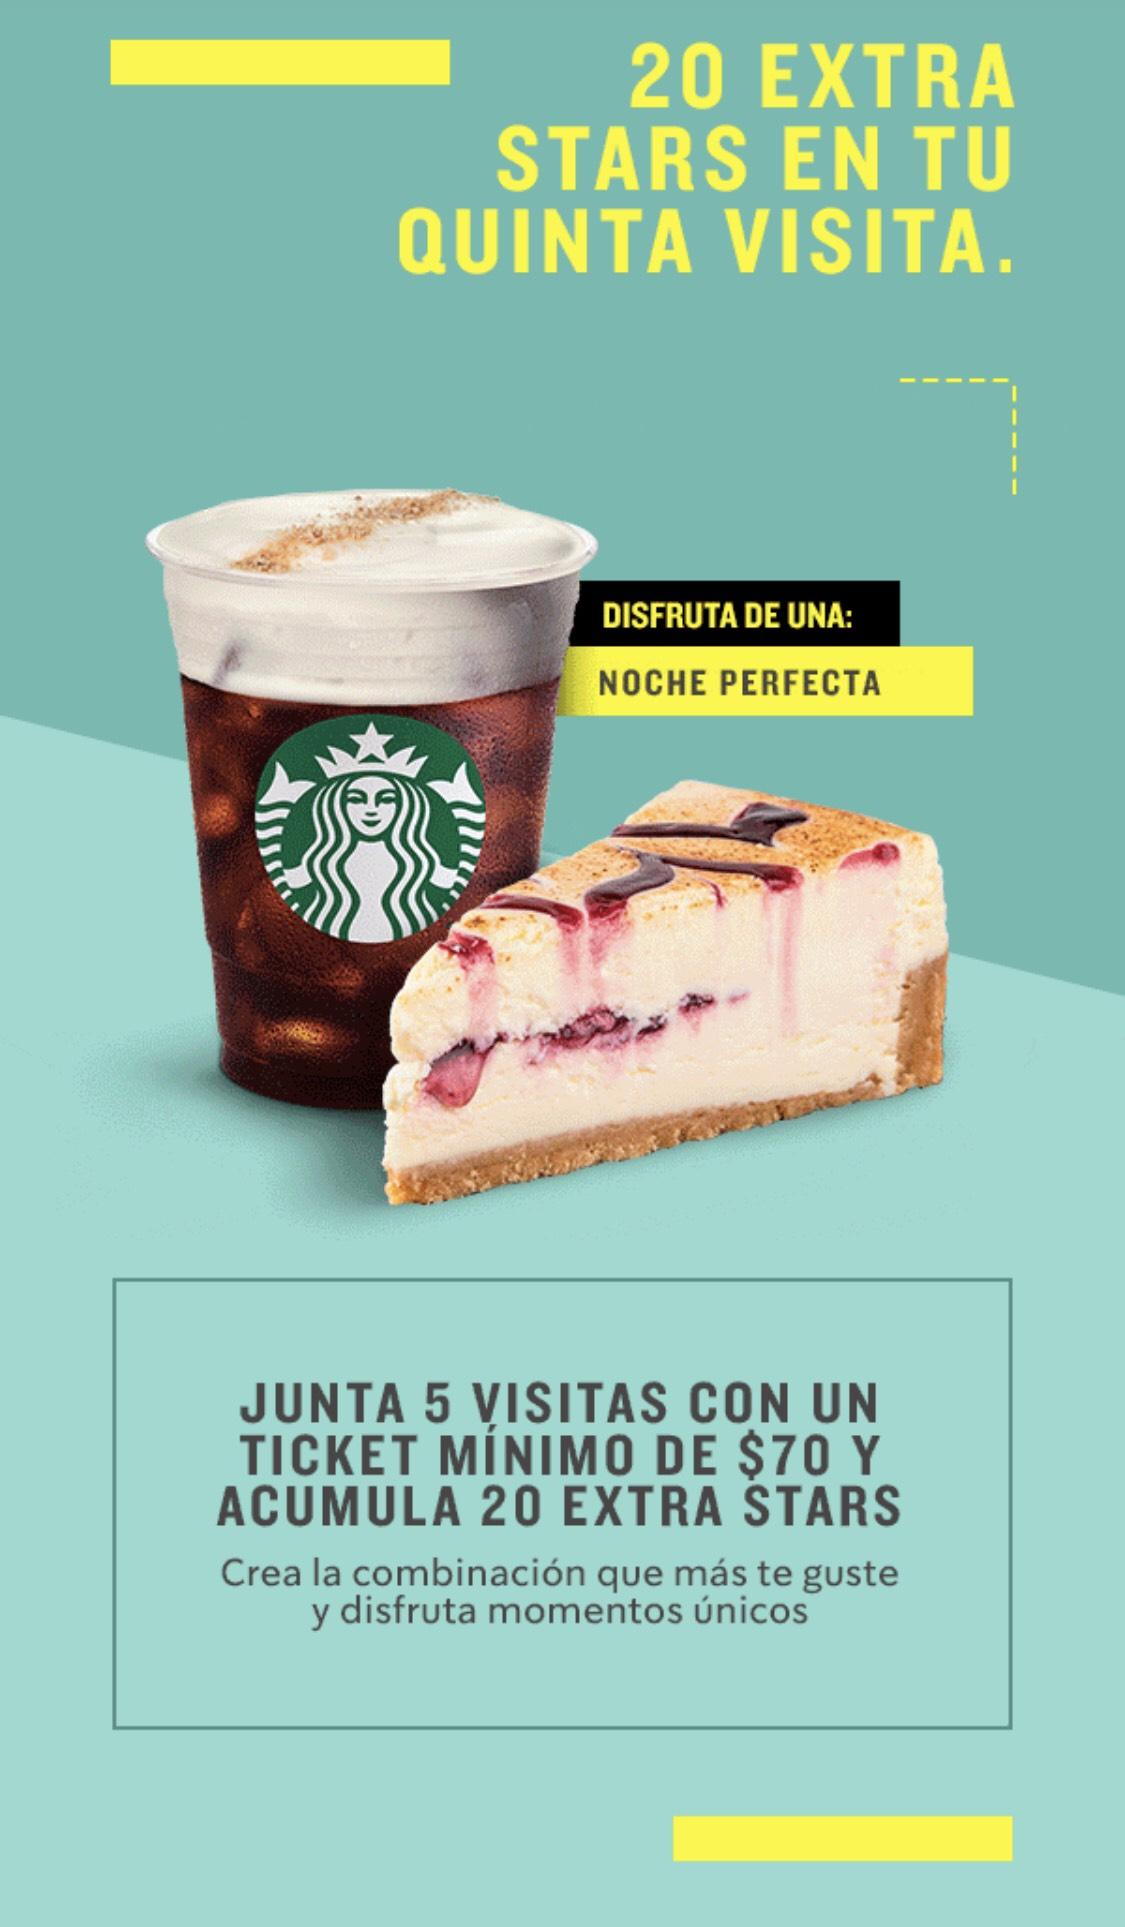 Starbucks: 20 Stars extra en tu quinta visita